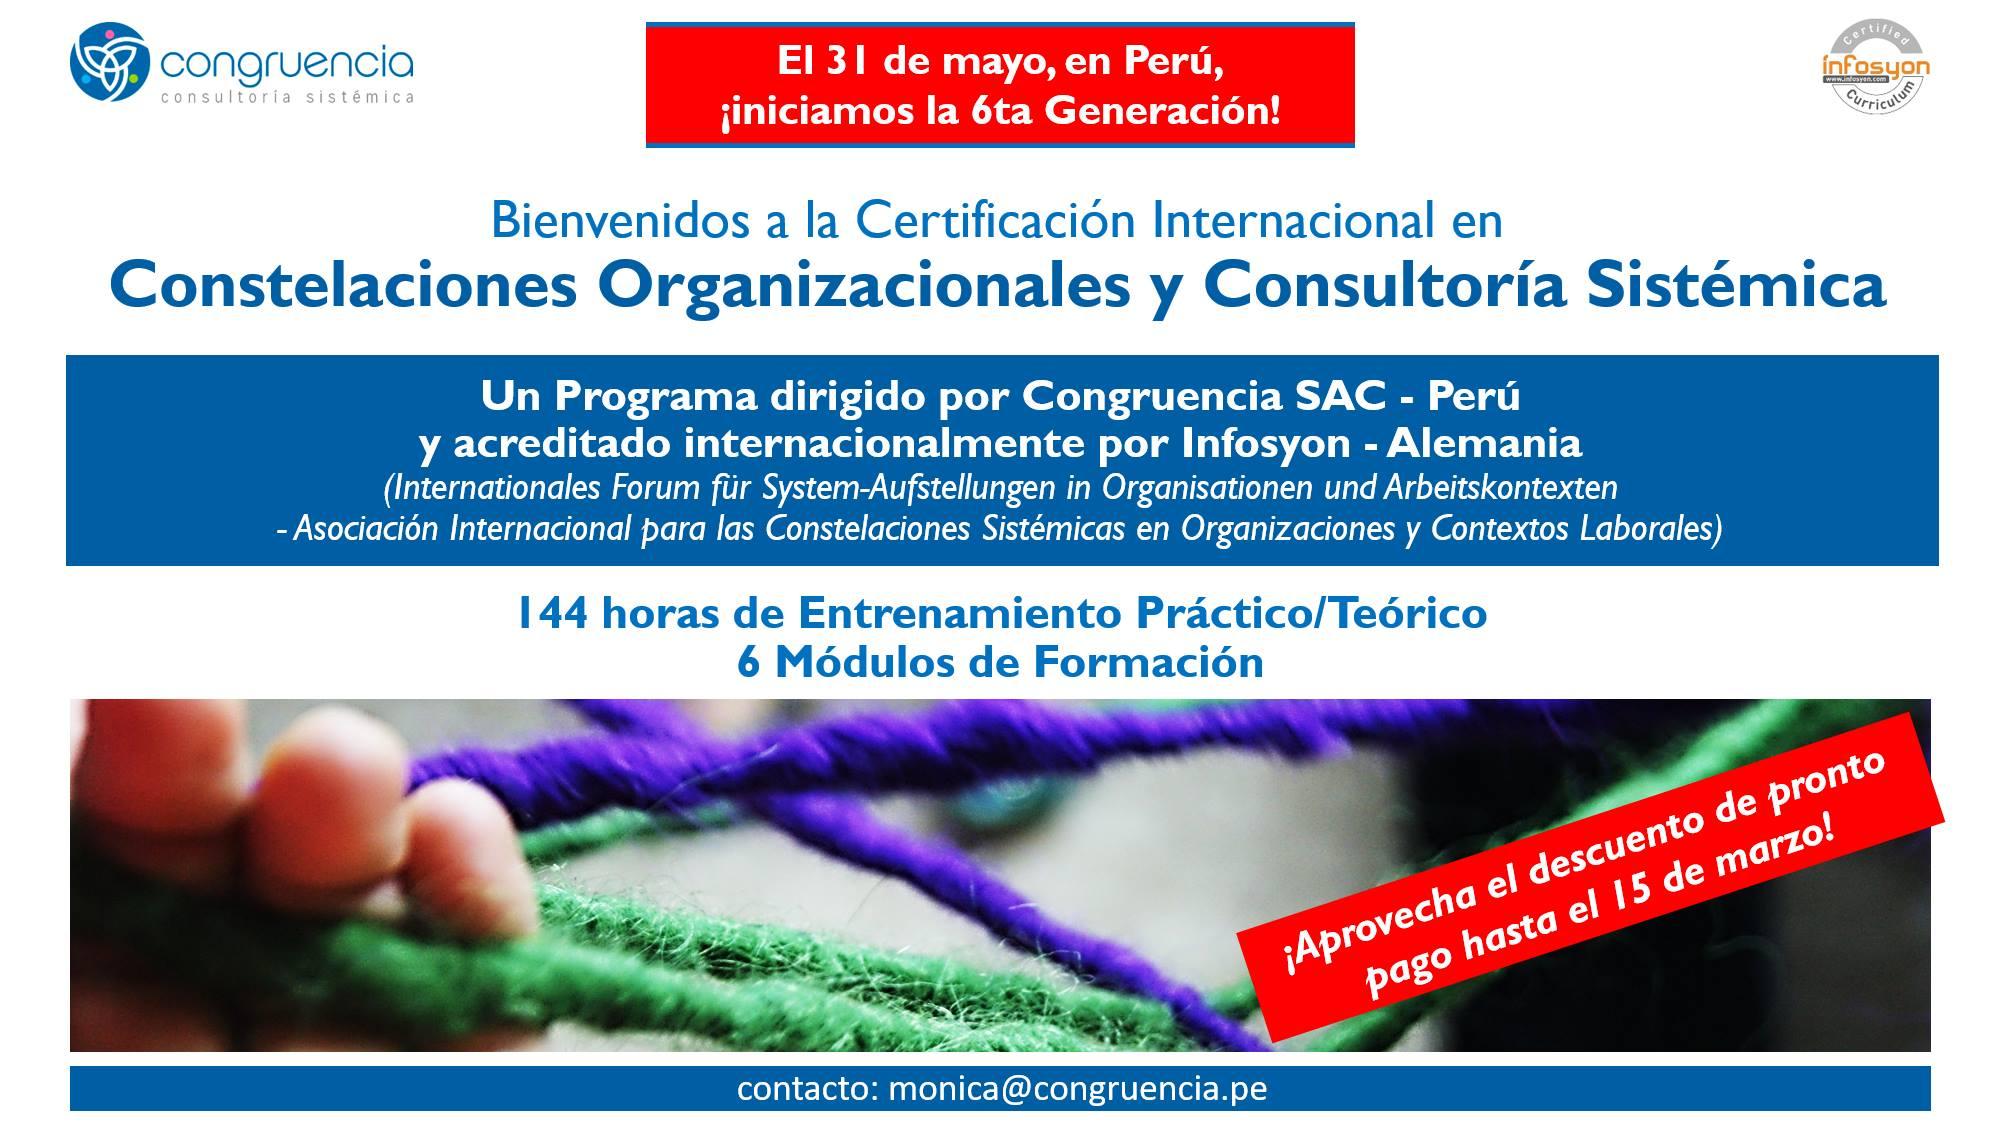 Certificación en Constelaciones Org. y Consultoría Sistémica 6G